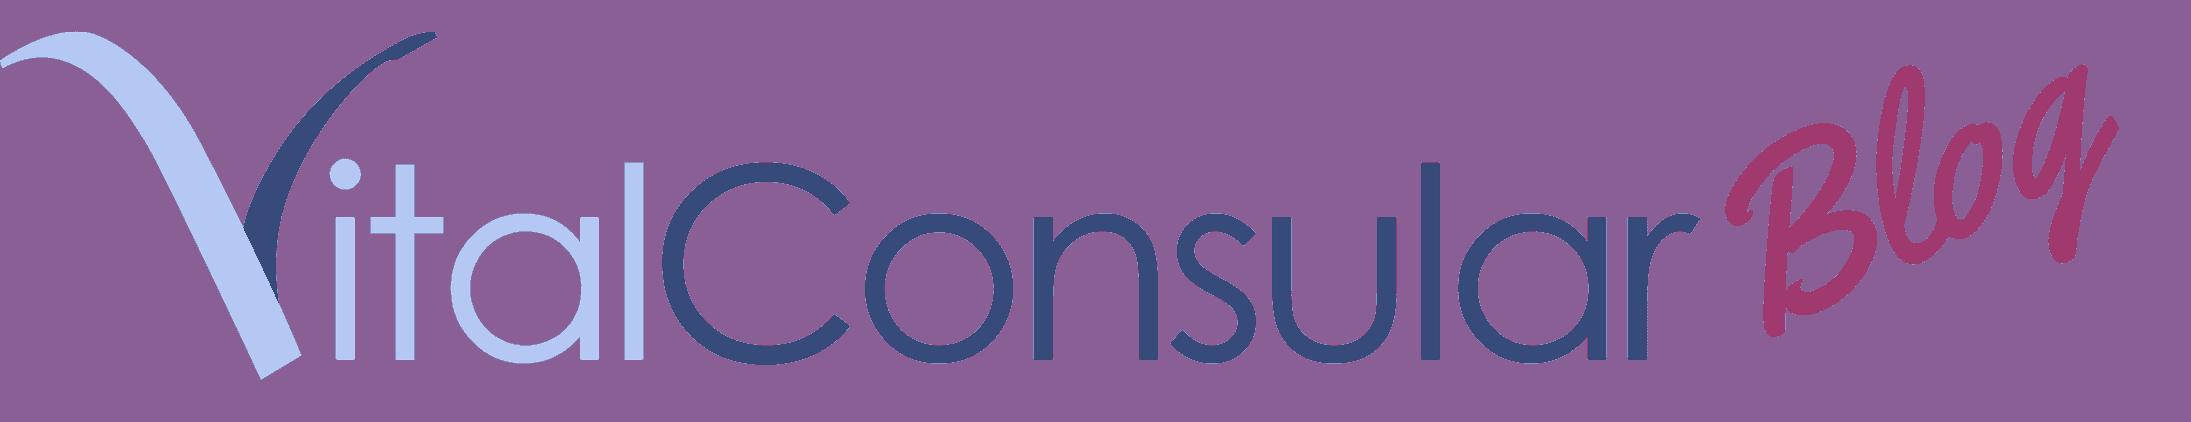 Vital Consular Blog